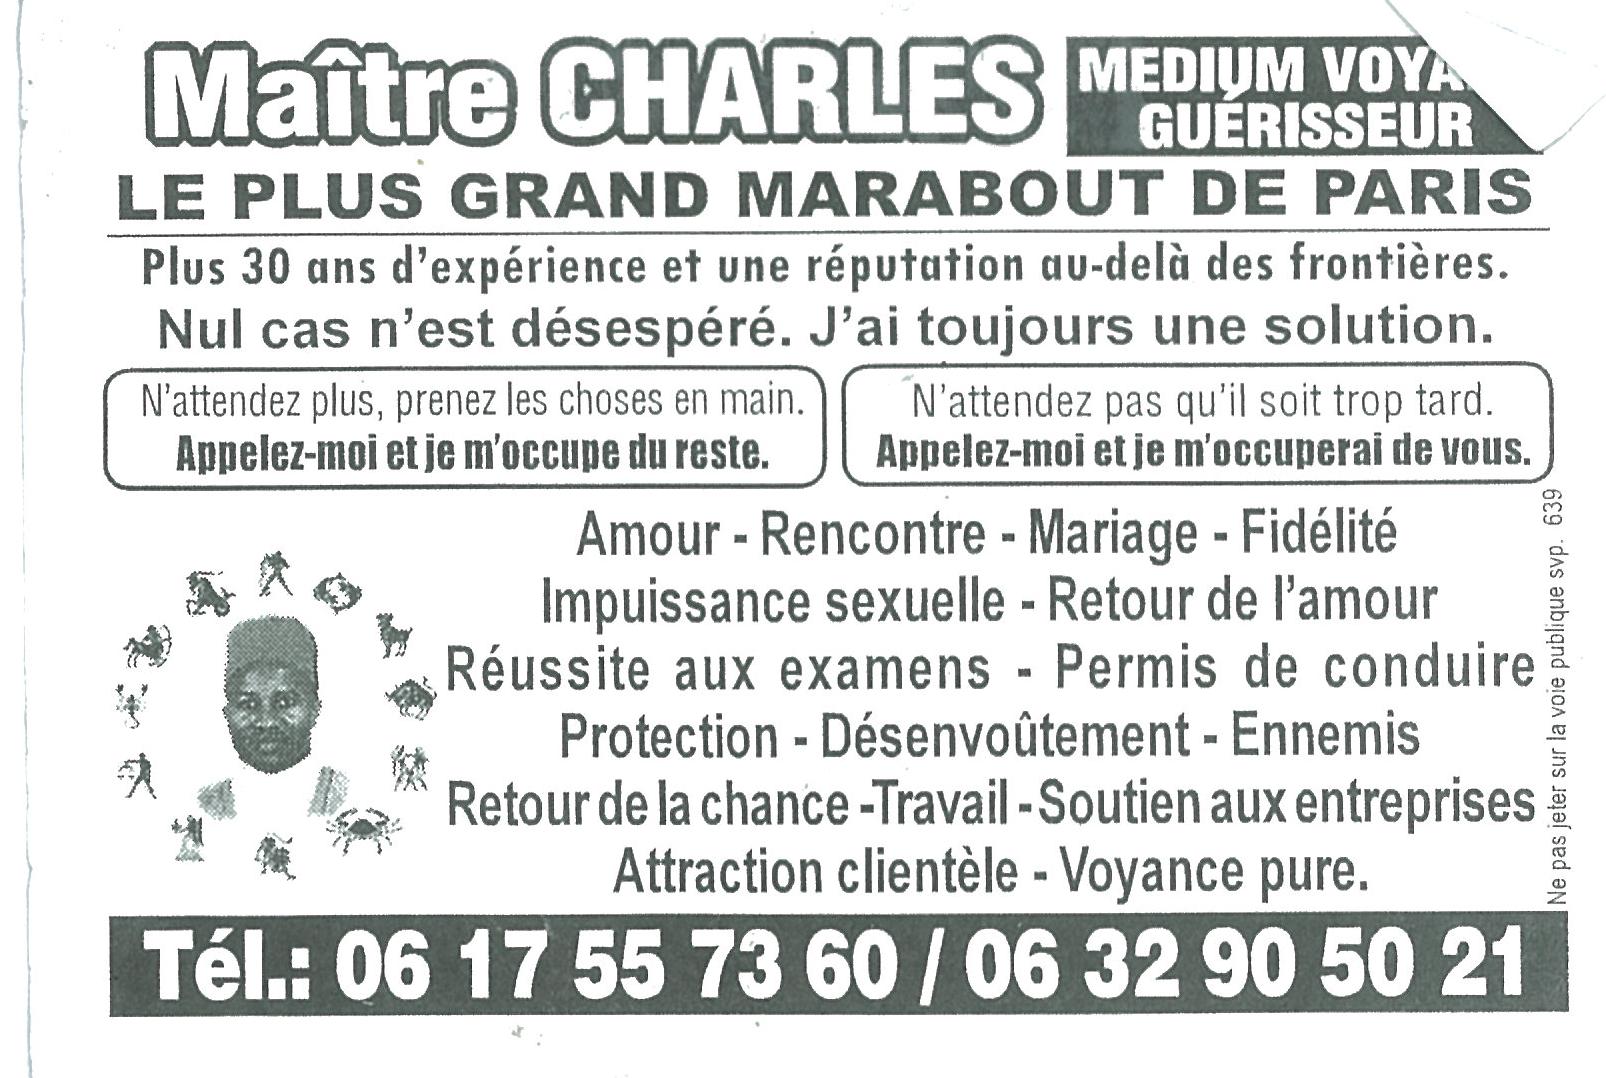 Maitre Charles White